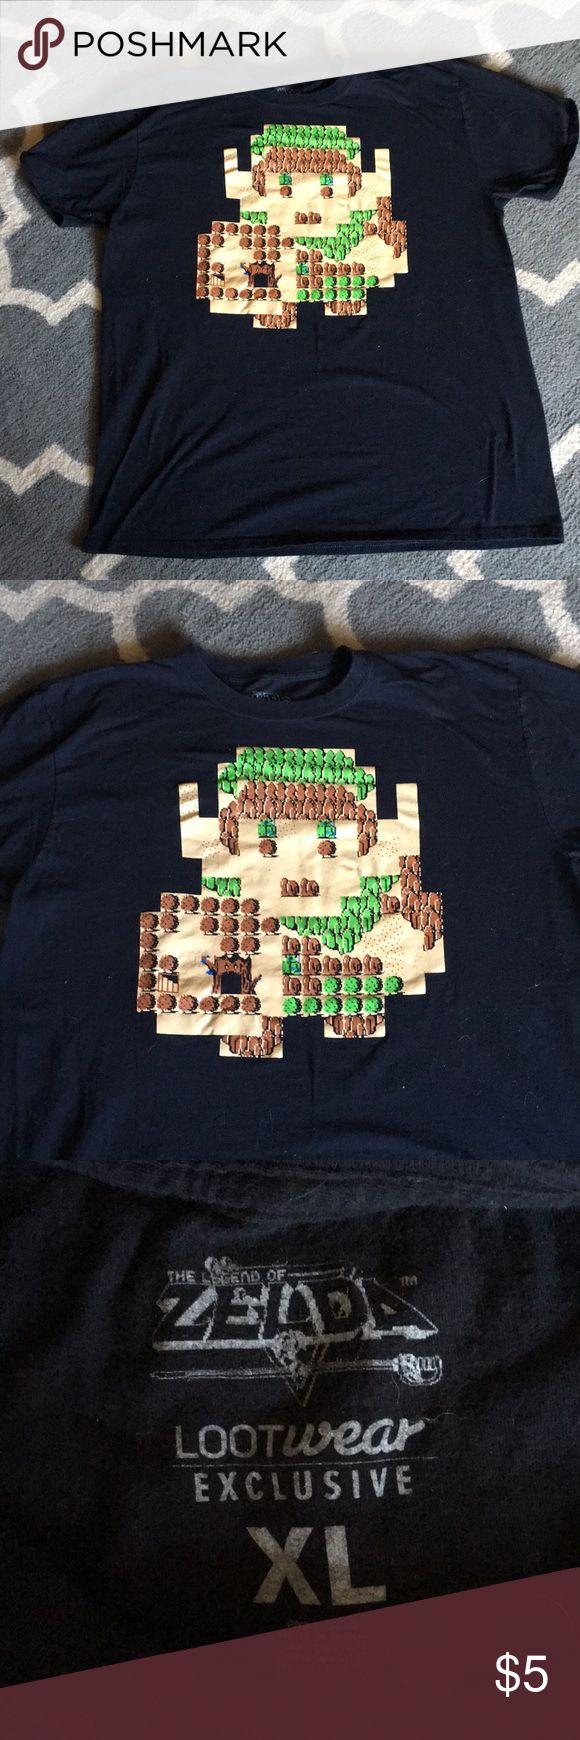 Mens Legend of Zelda tee Black legend of Zelda tee. Excellent condition never worn. Shirts Tees - Short Sleeve